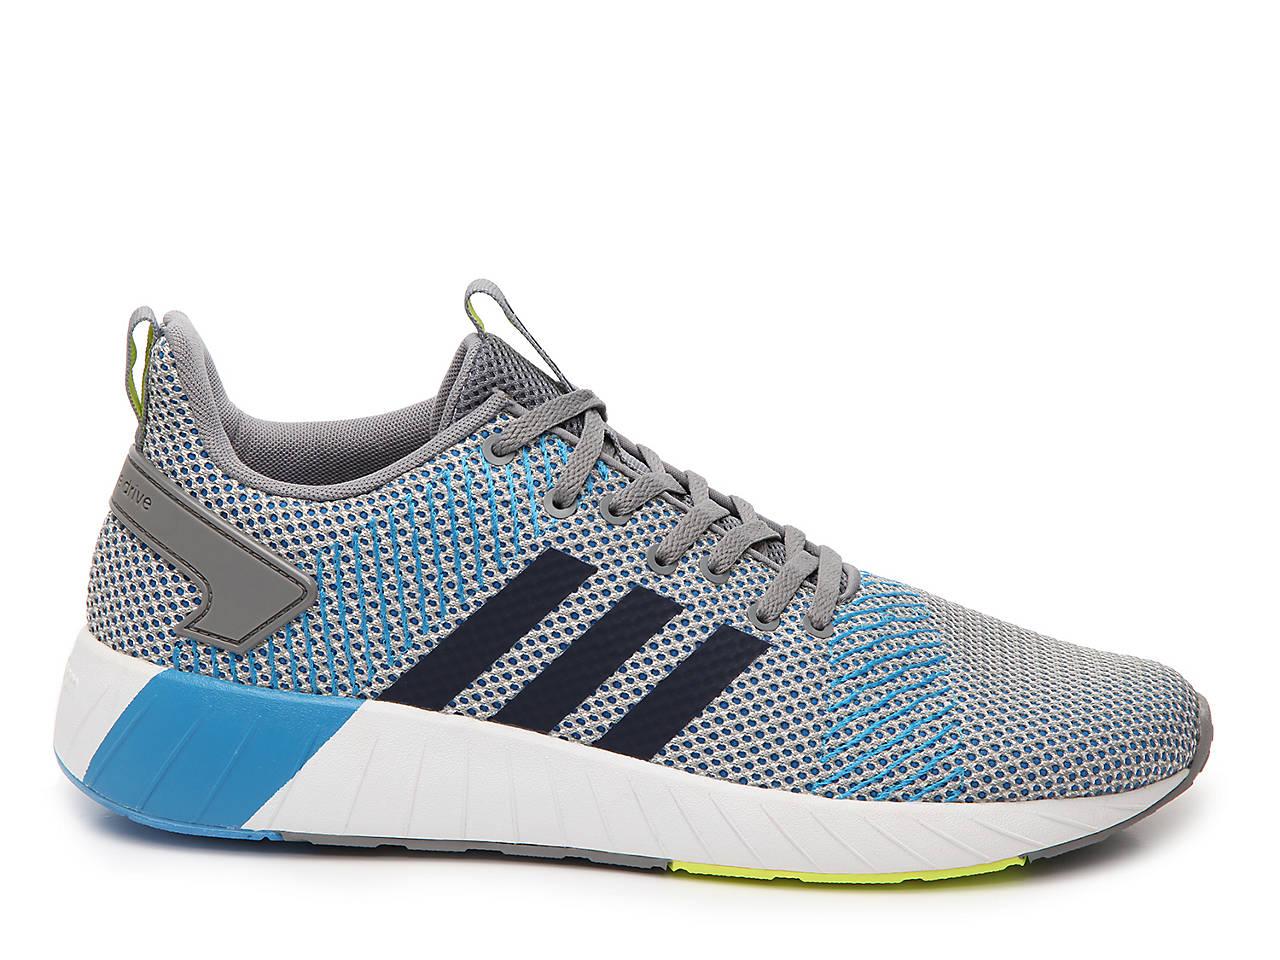 0bbdd3f4fe708 adidas Questar BYD Sneaker - Men s Men s Shoes